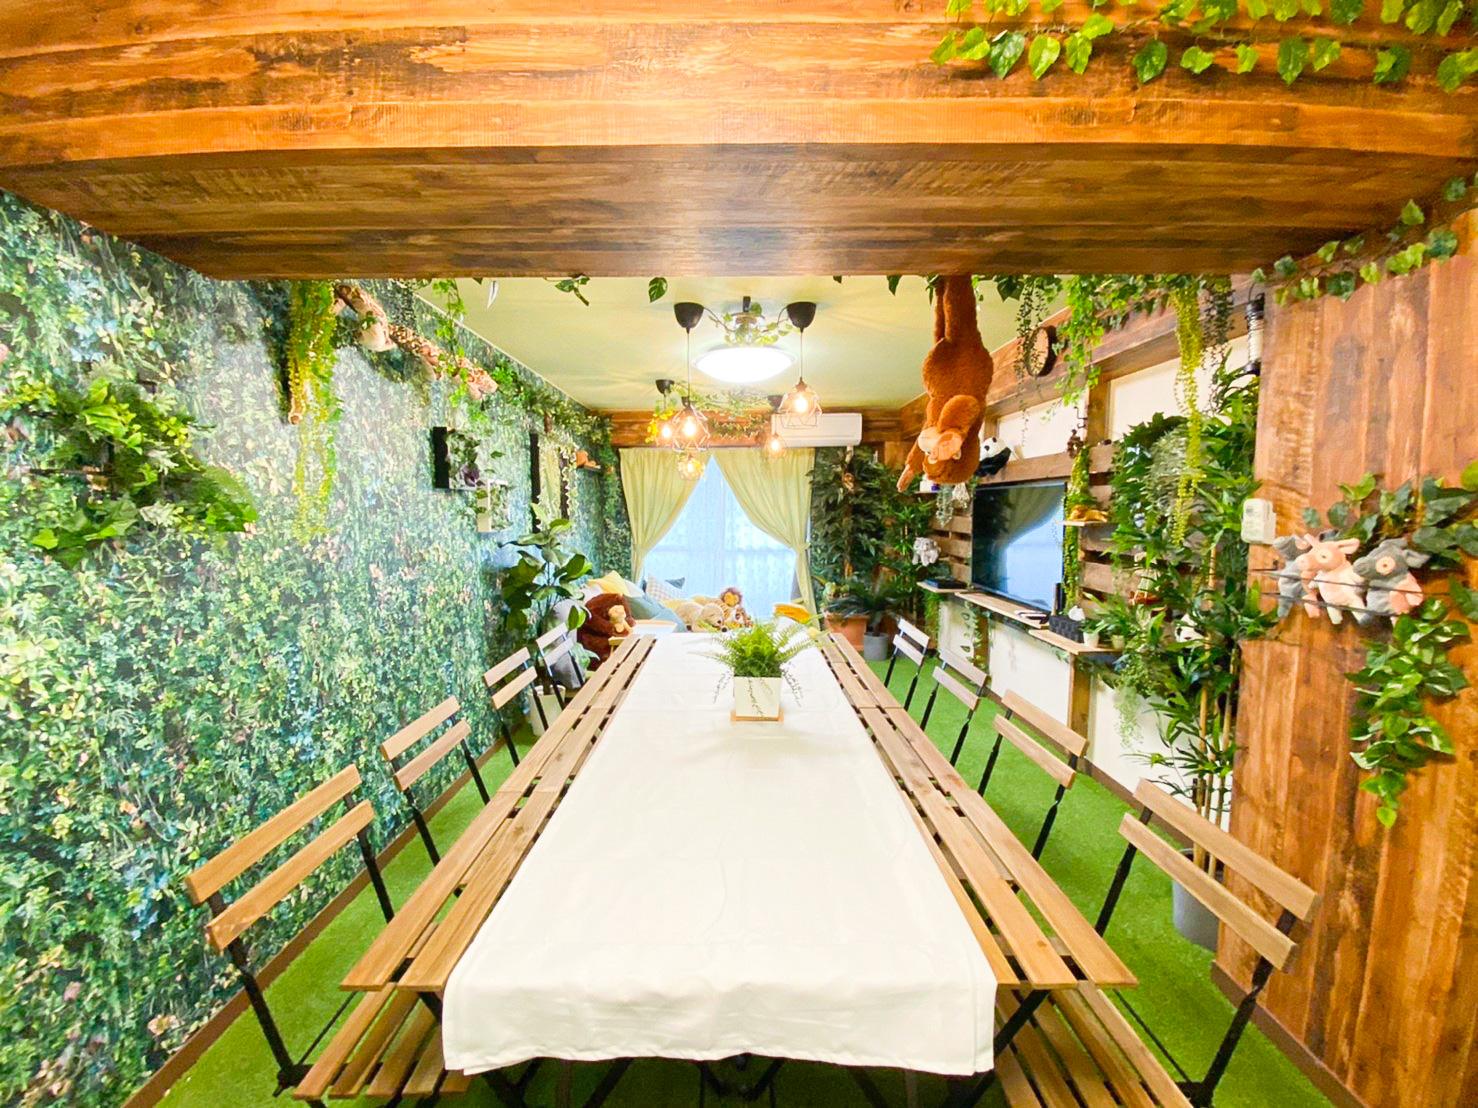 机と椅子のご用意あります。(椅子8脚) - H.R.S.O 大須ジャングル Heavenly大須ジャングルの室内の写真